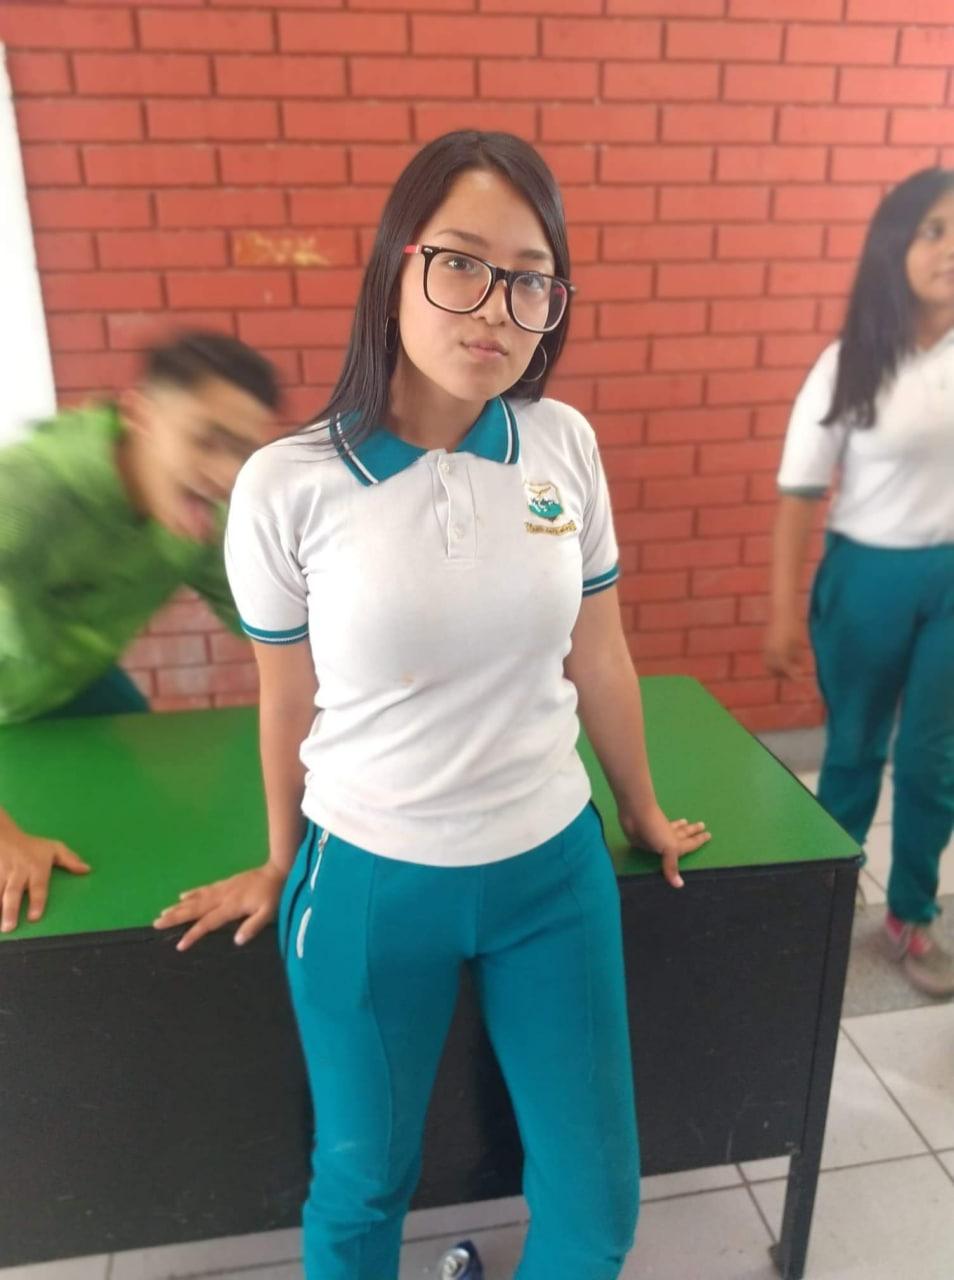 Alejandra de Leon colegiala de Saltillo, Mexico + Nudes y Videos photo5183709687718196490